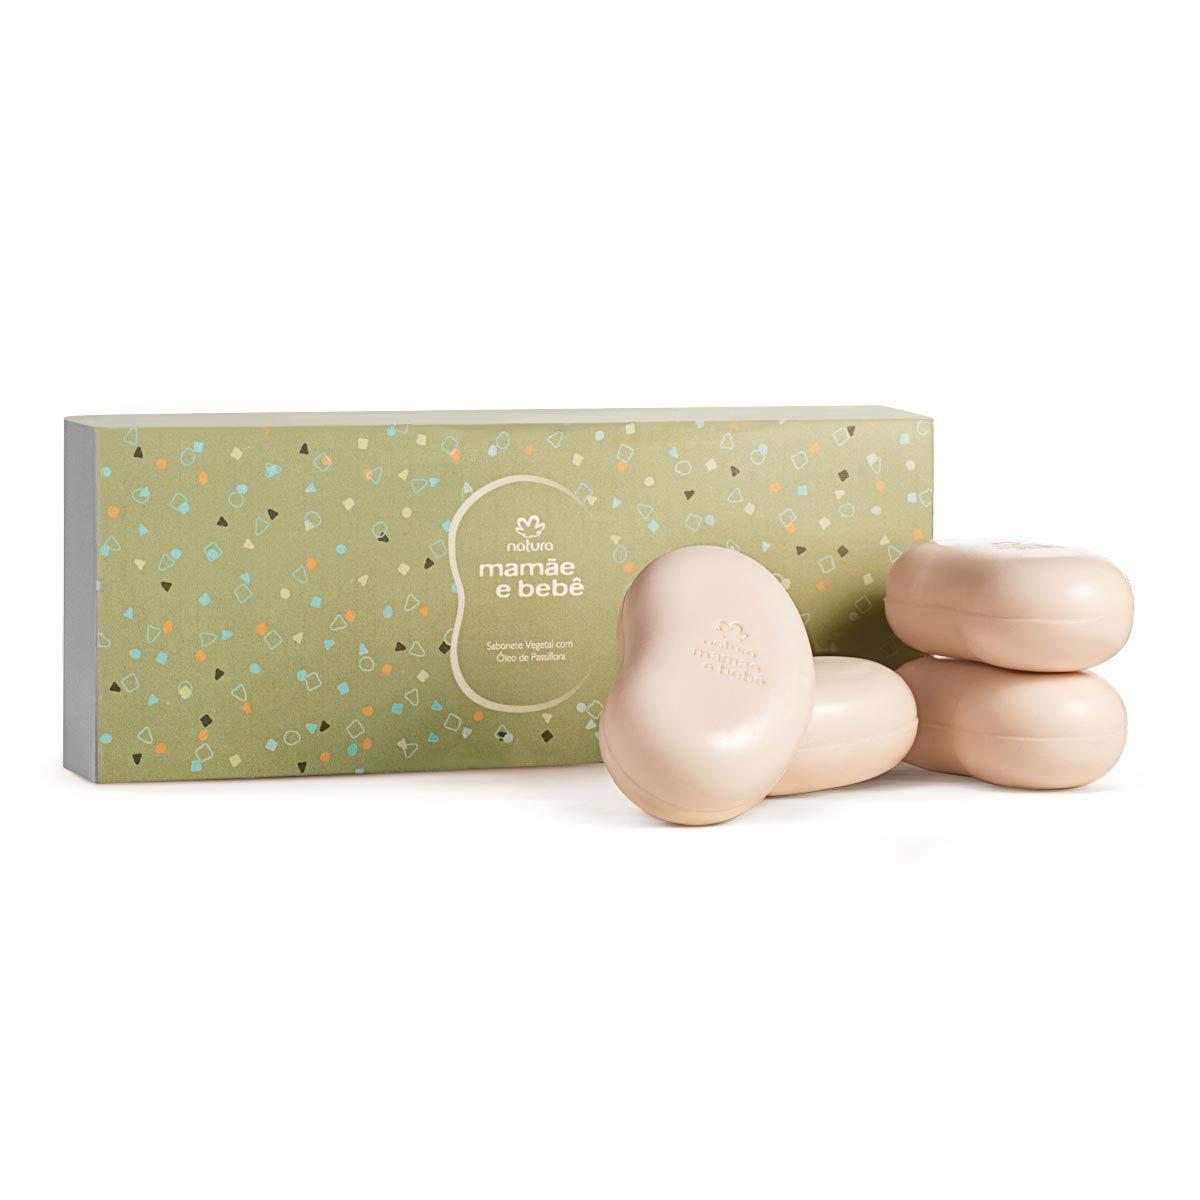 Natura - Linha Mamae e Bebe - Caixa Presenteavel de Sabonetes em Barra Vegetal 4 X 100 Gr - (Natura - Mom and Baby Collection - Vegetable Bar Soap Gift Set (4 x Net 3.52 Oz) by Natura